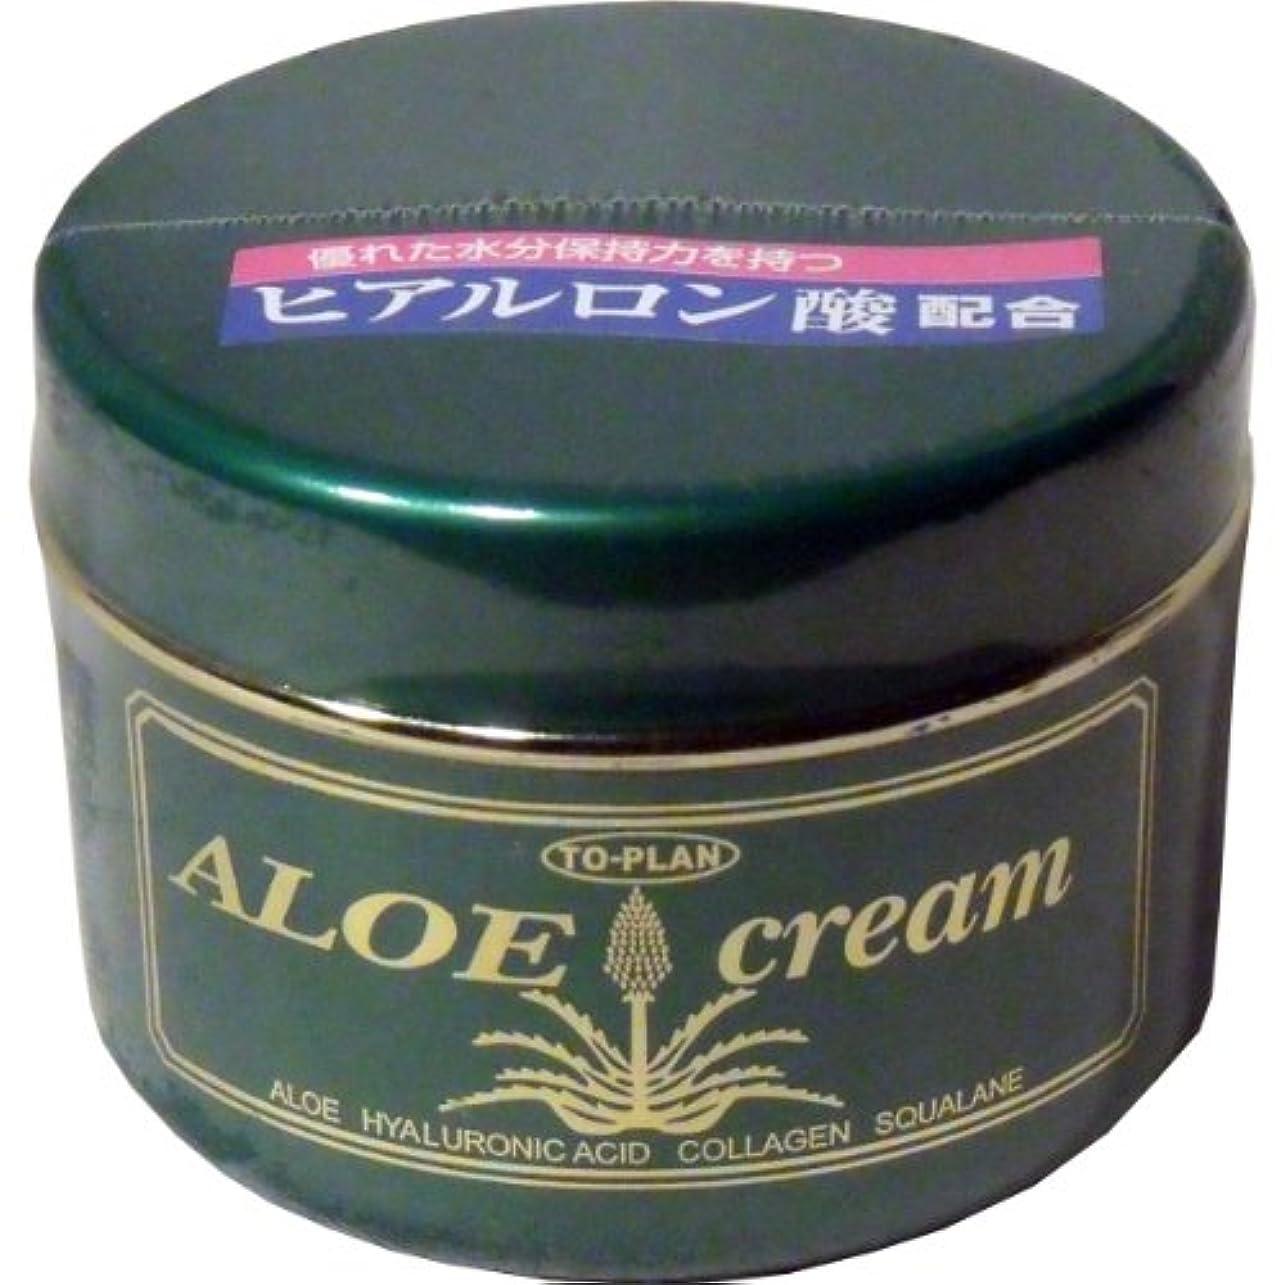 フロンティア特別な最大トプラン ハーブフレッシュクリーム(アロエクリーム) ヒアルロン酸 170g ×5個セット